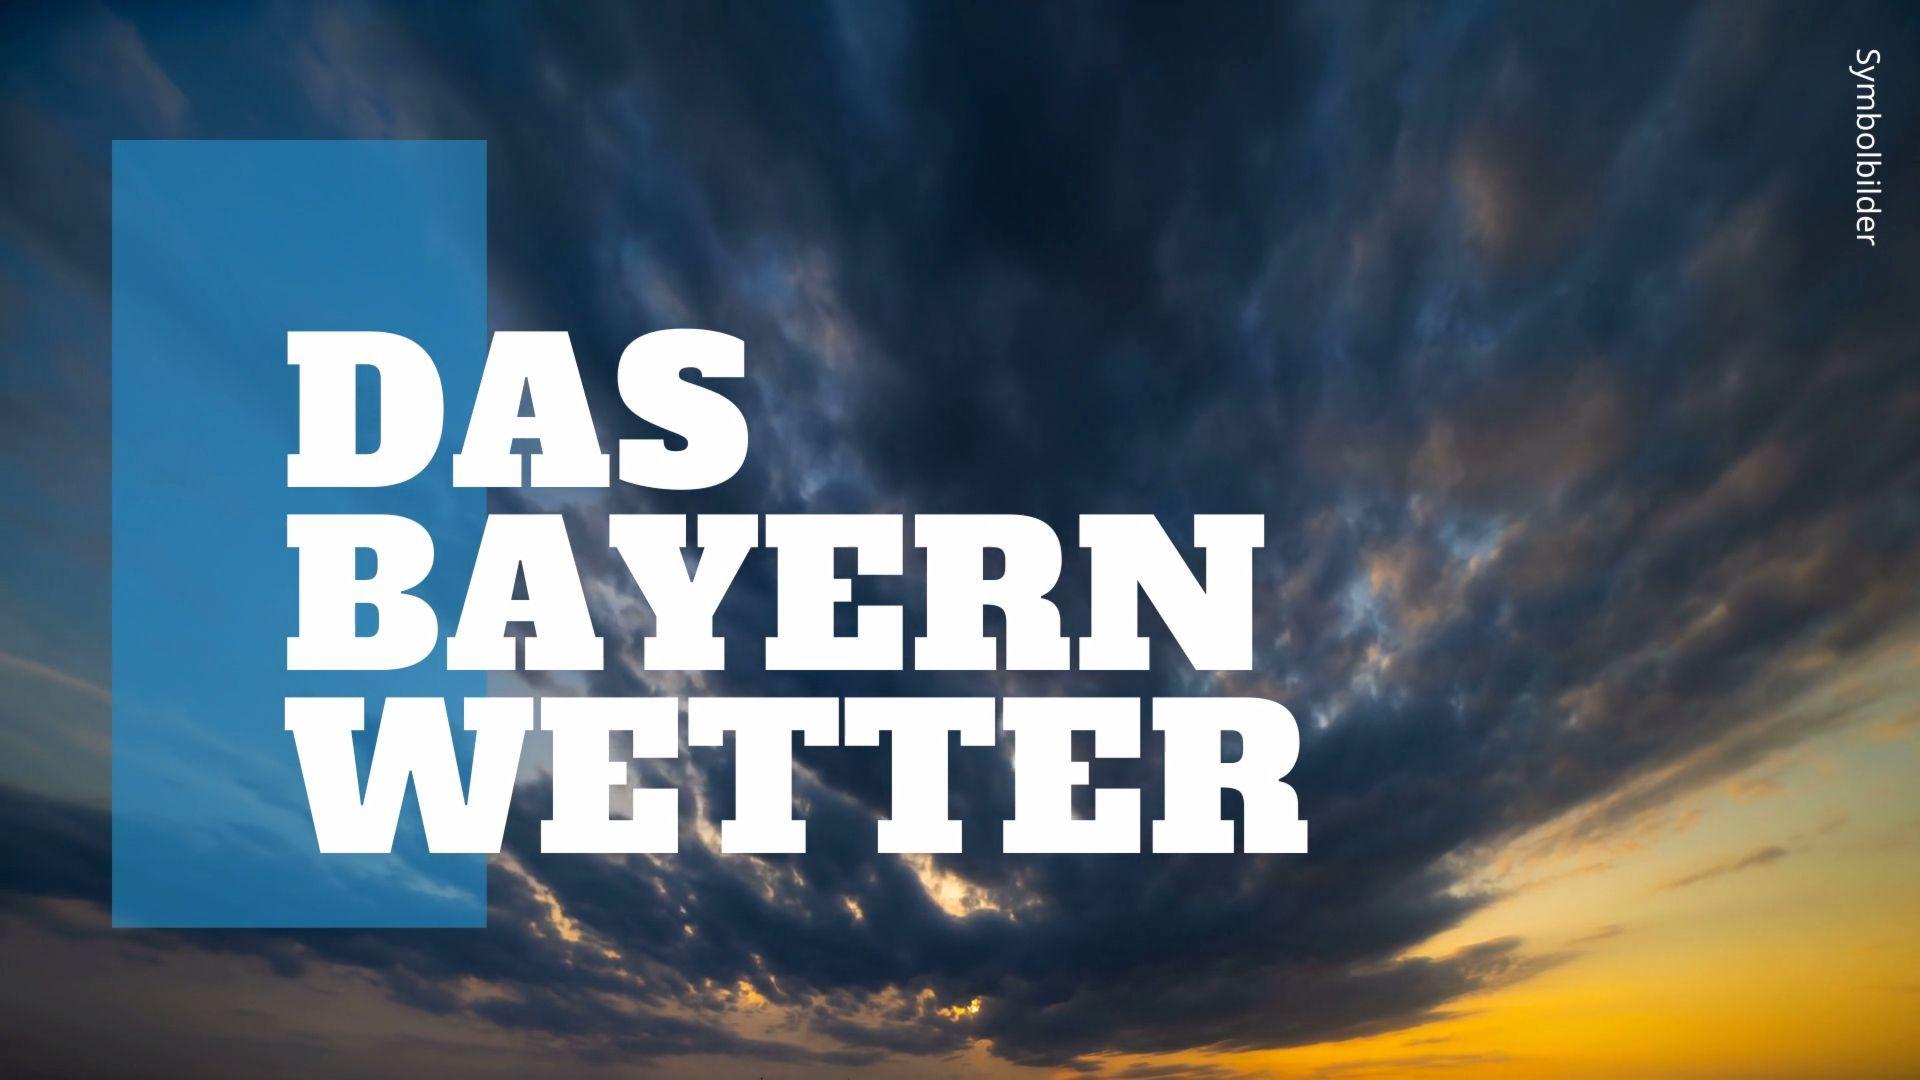 Das Wetter in Bayern: Wechselhaft sonnig und regnerisch mit milden Temperaturen